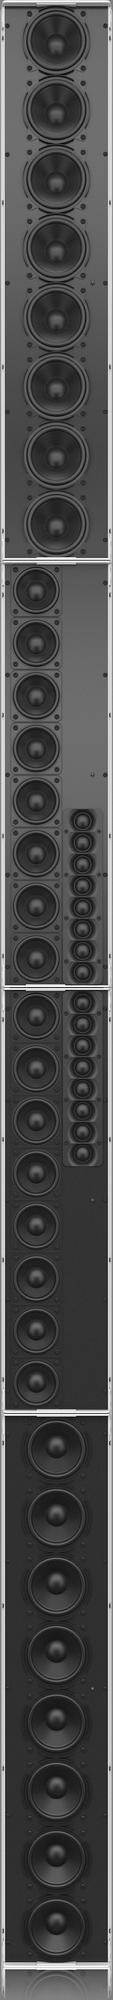 Tannoy  QFLEX 48-WP - Haut parleur d'installation